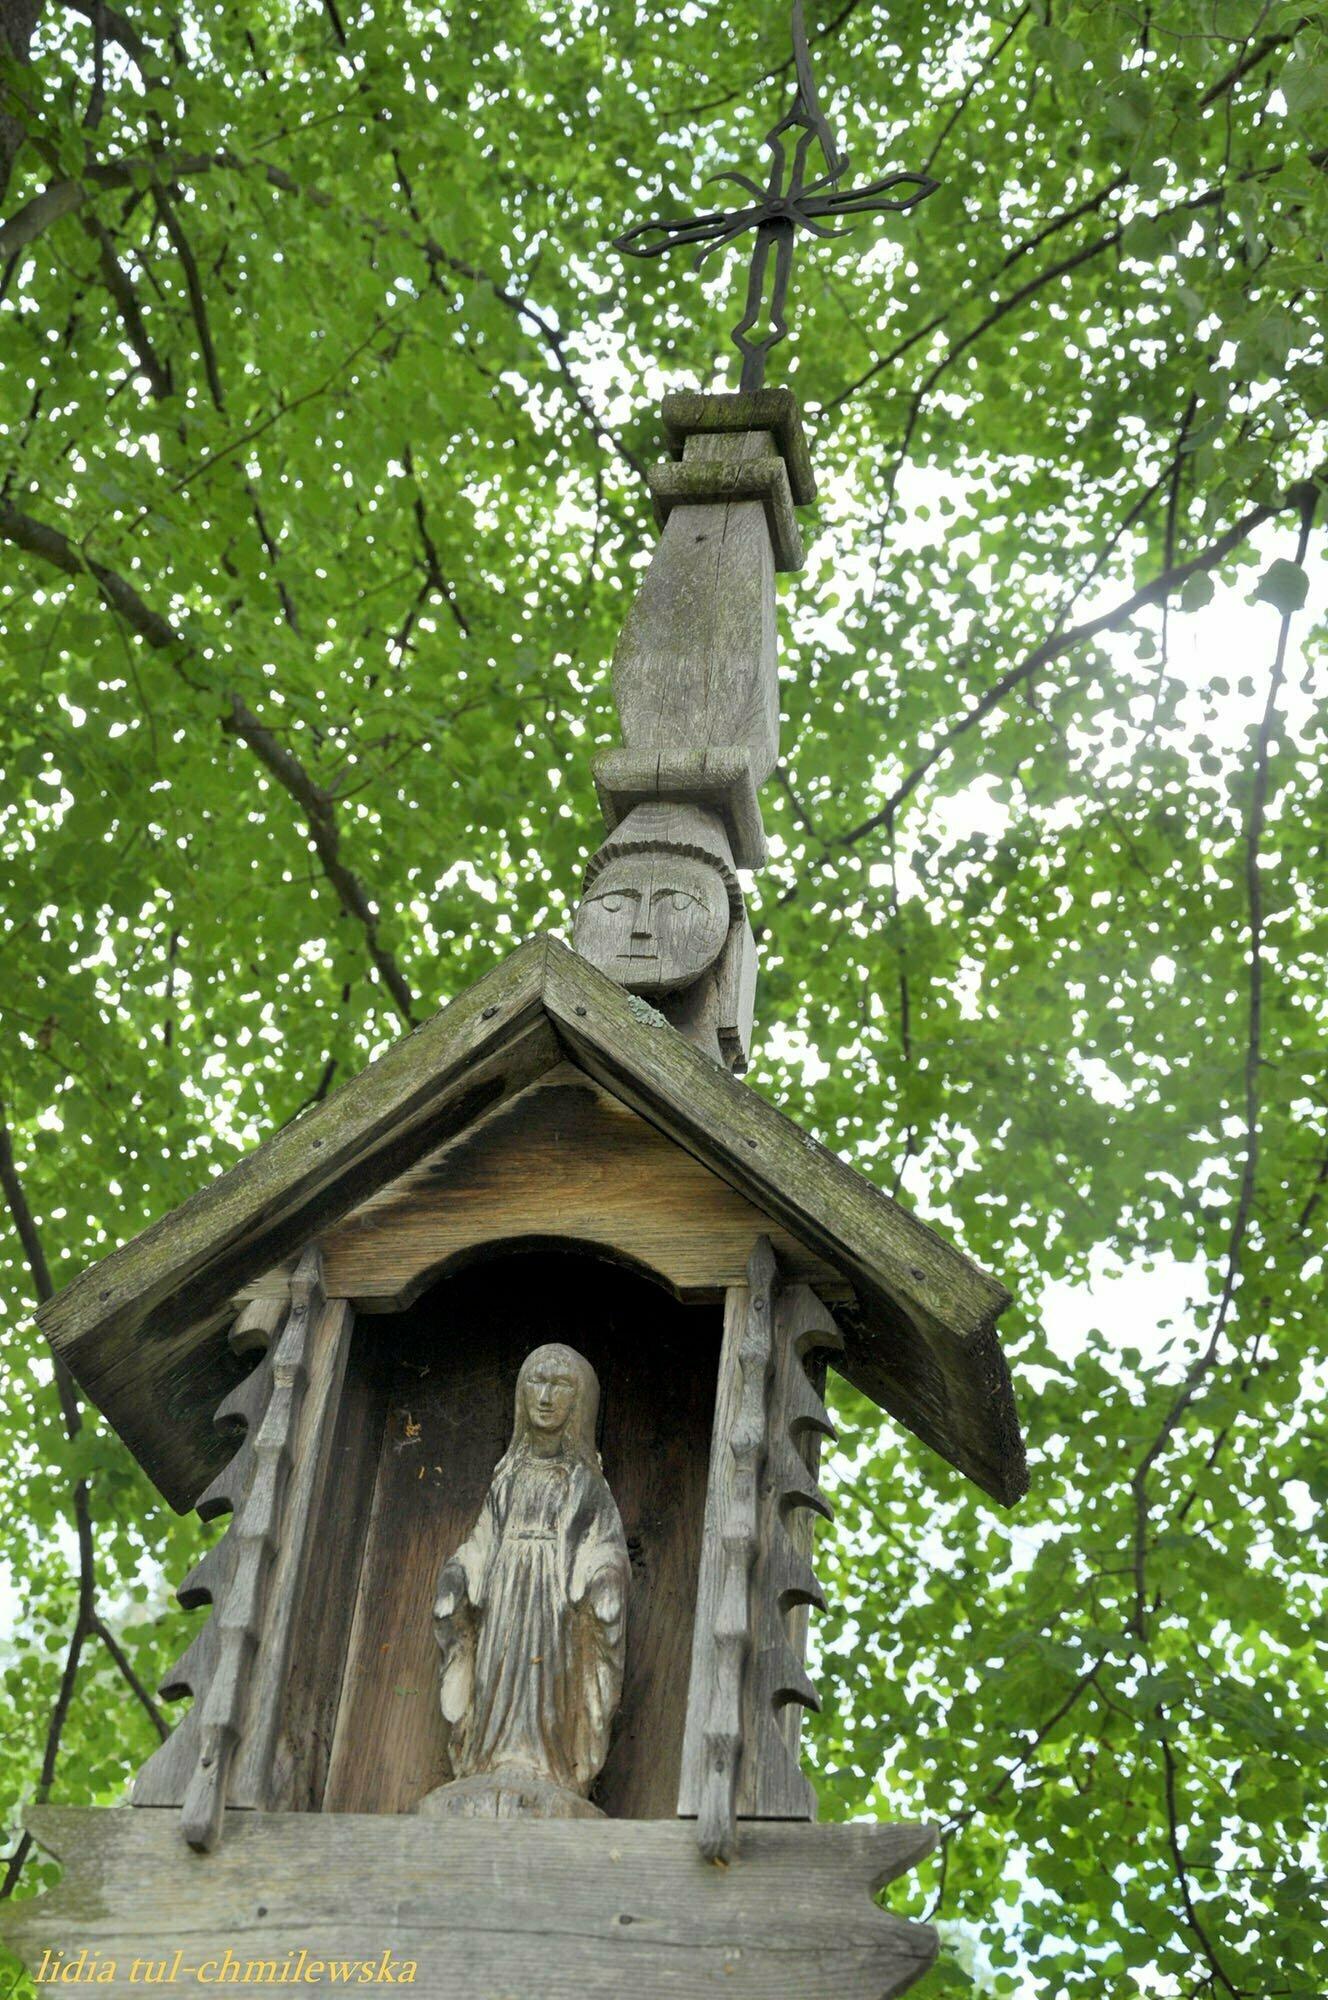 Kapliczka szafkowa z Jaszczwi (skansen w Sanoku) / fot. Lidia Tul-Chmielewska